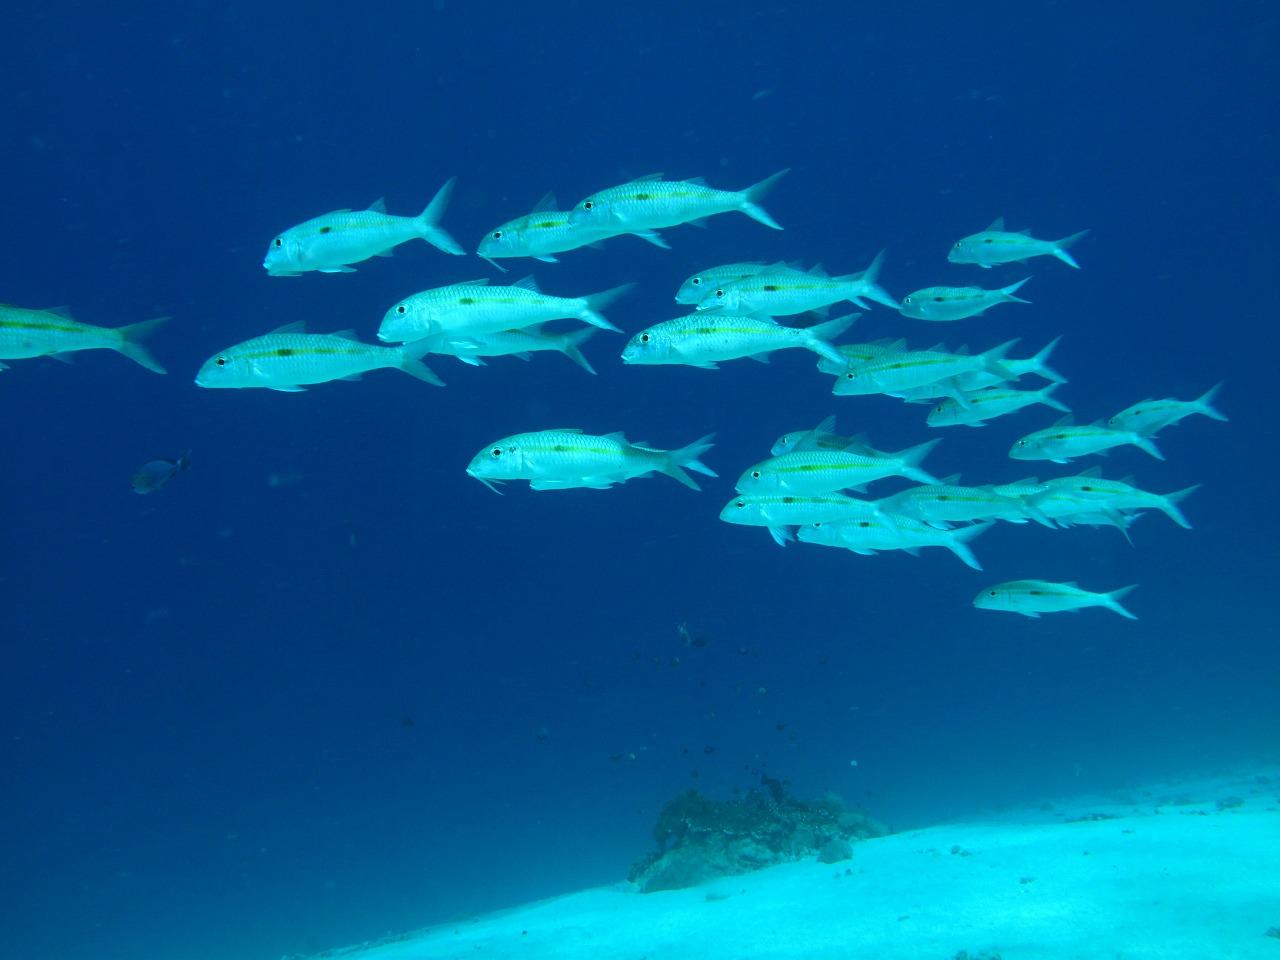 バリ島の海の中で魚が泳いでいる